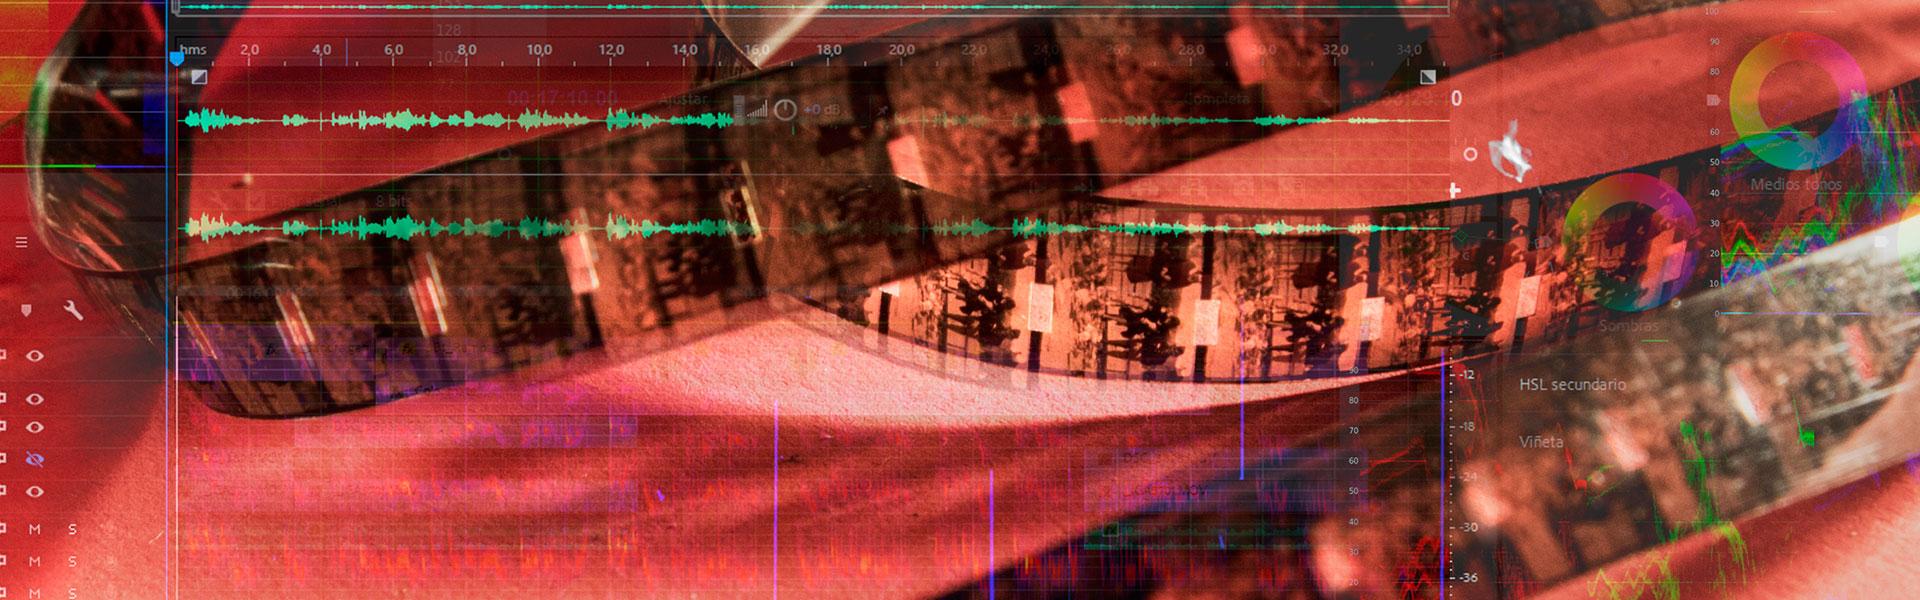 Curs d'Especialització en Creació i Experimentació Audiovisual